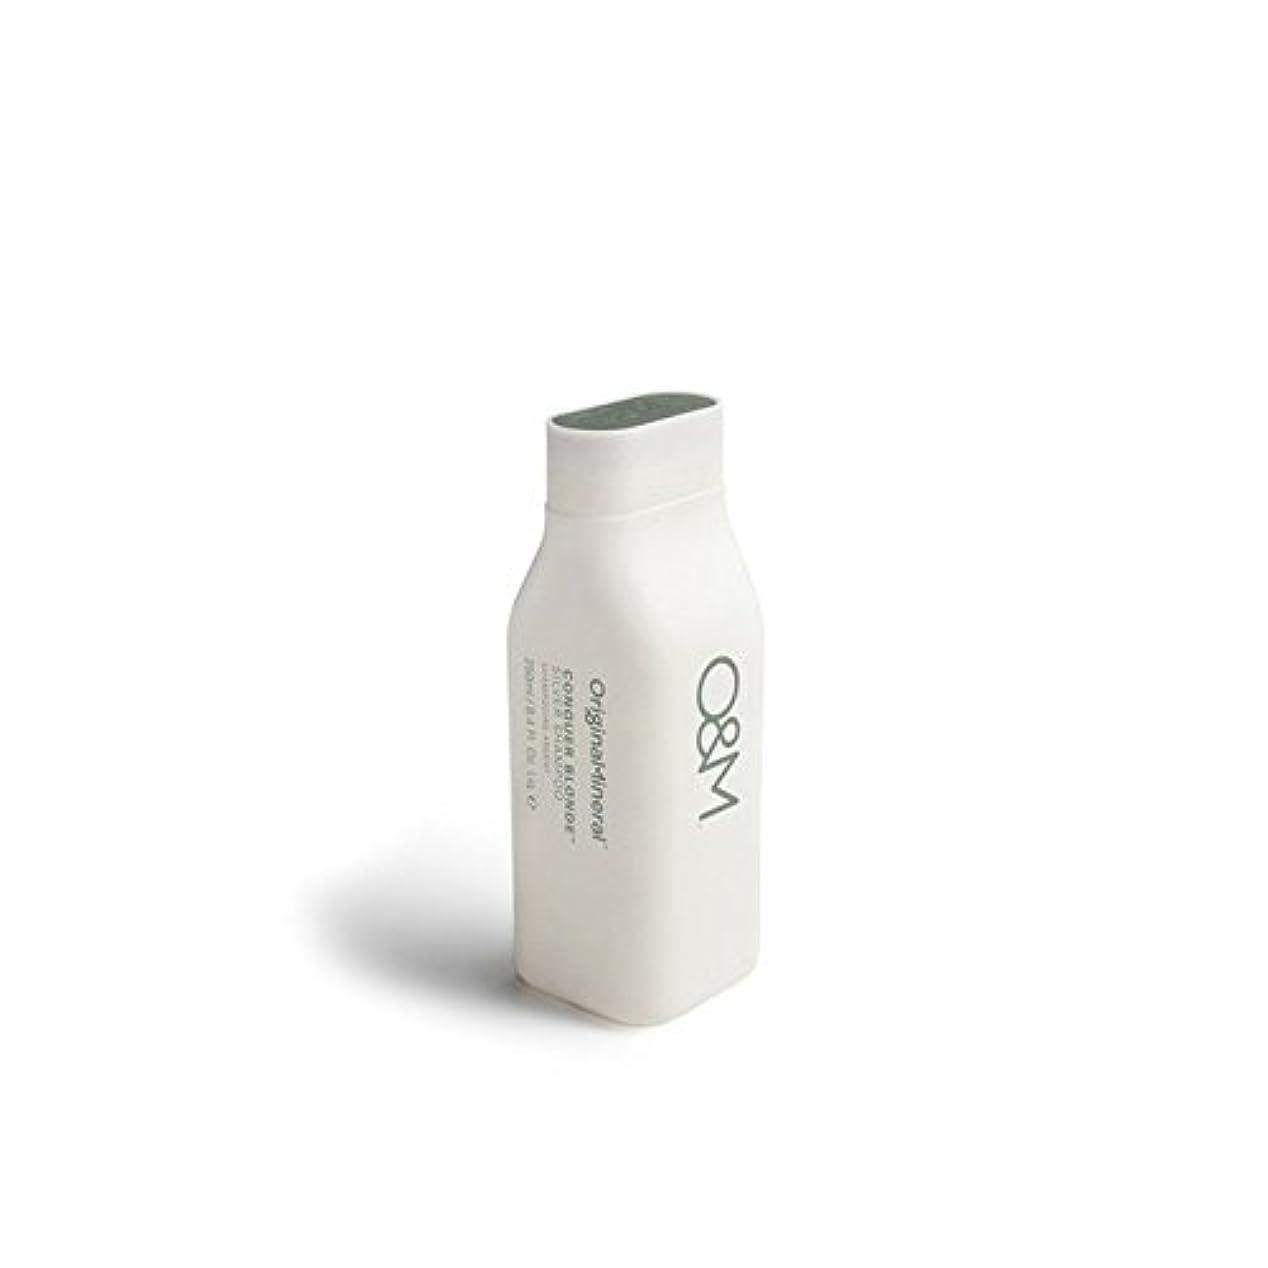 メドレー偽物バックグラウンドOriginal & Mineral Conquer Blonde Silver Shampoo (250ml) - オリジナル&ミネラル統治ブロンド銀シャンプー(250ミリリットル) [並行輸入品]